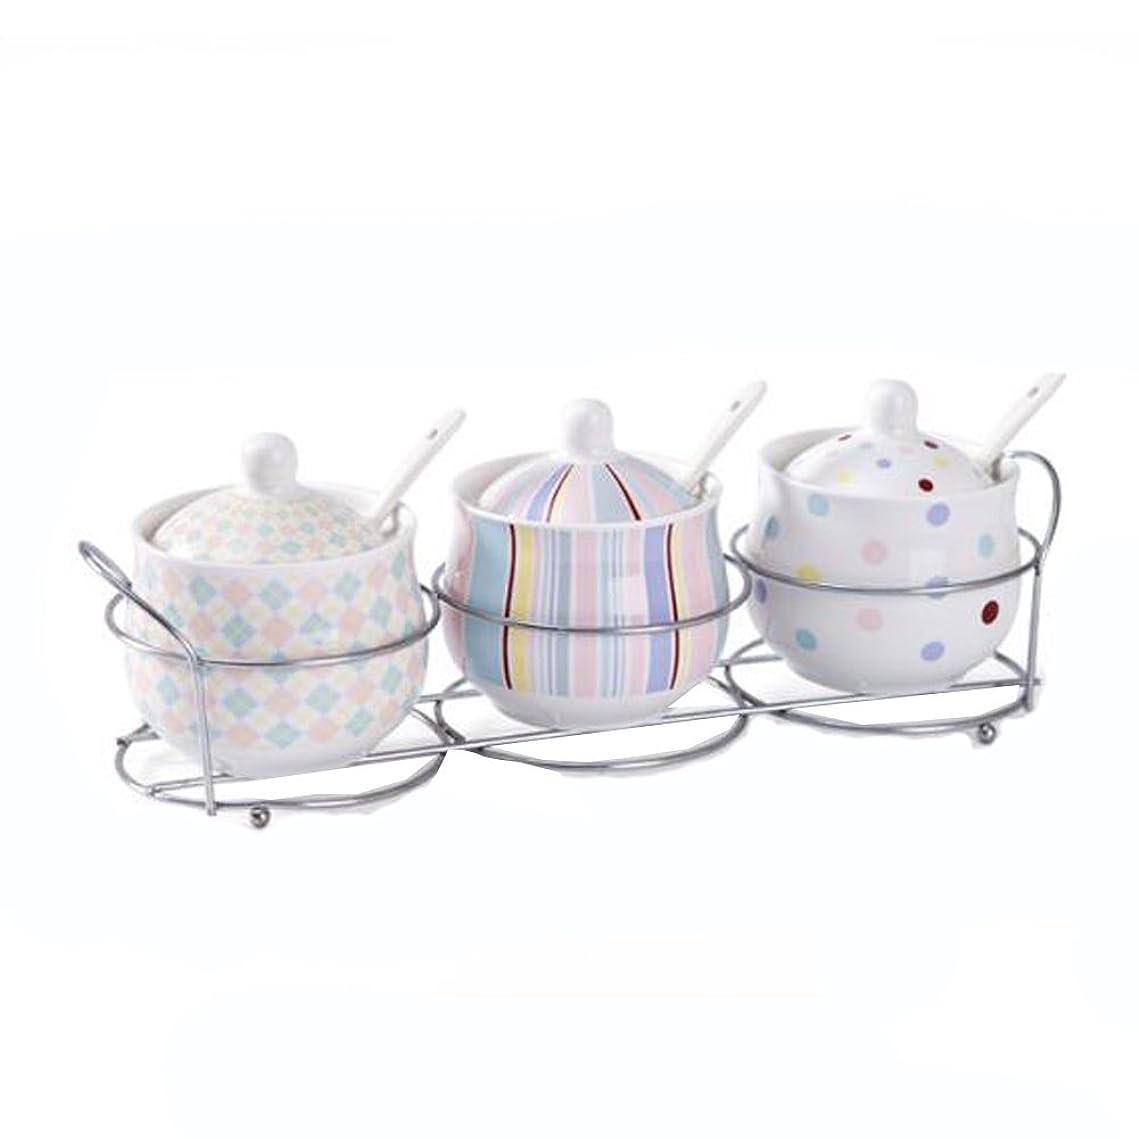 舌なに沿って眠り家庭用キッチン用蓋付きスパイスジャー3本セット陶器収納缶